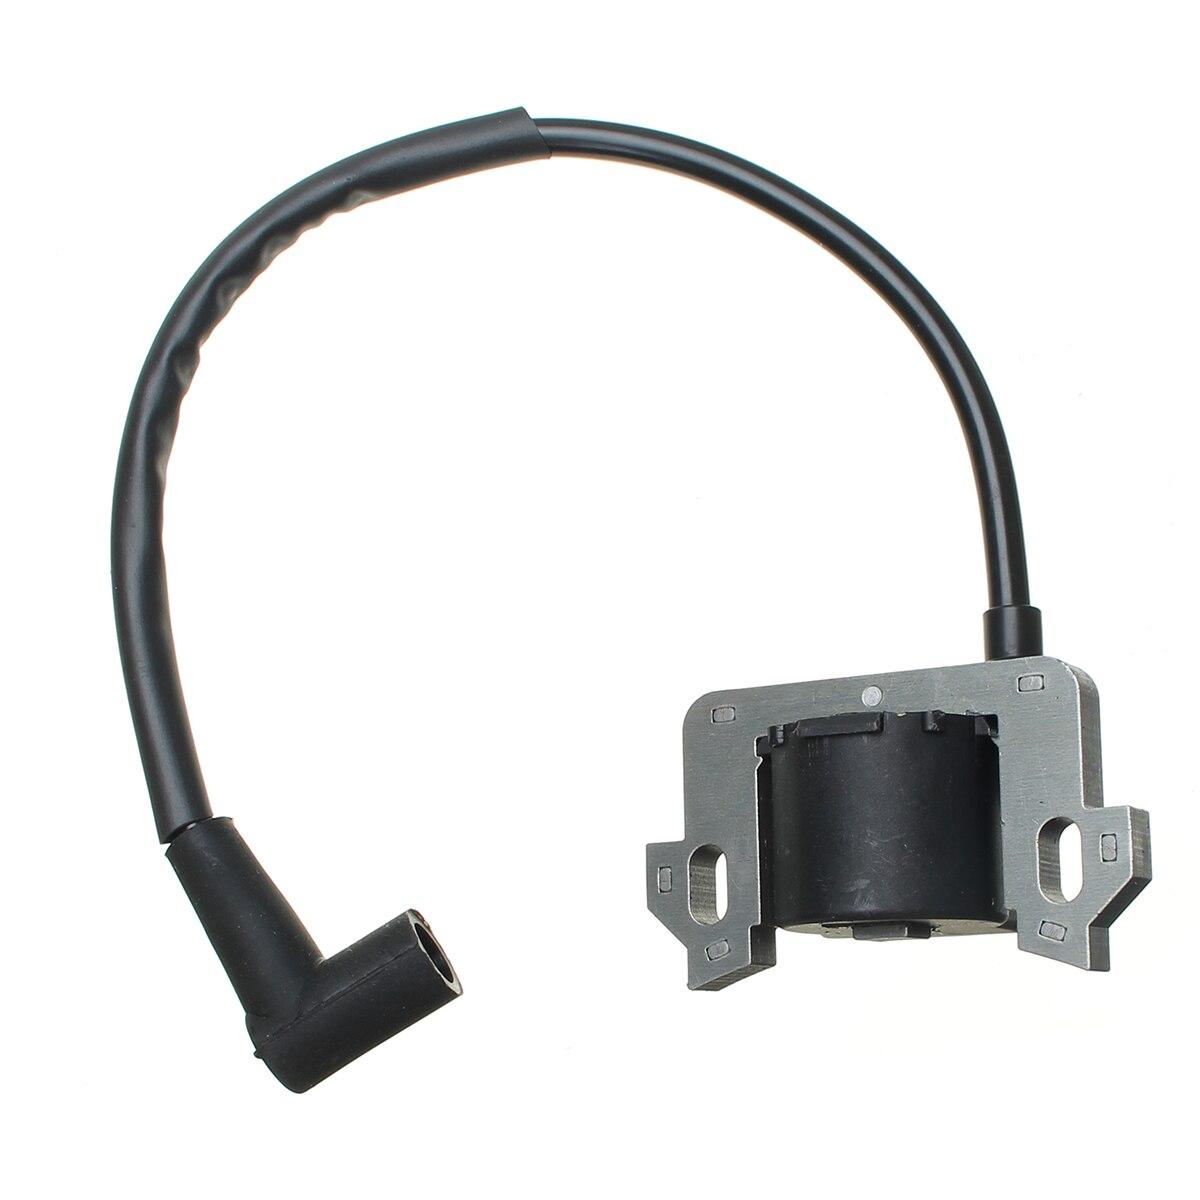 Zündspule Modul Für HONDA GCV135 GCV160 GCV190 GSV160 30500-ZL8-004